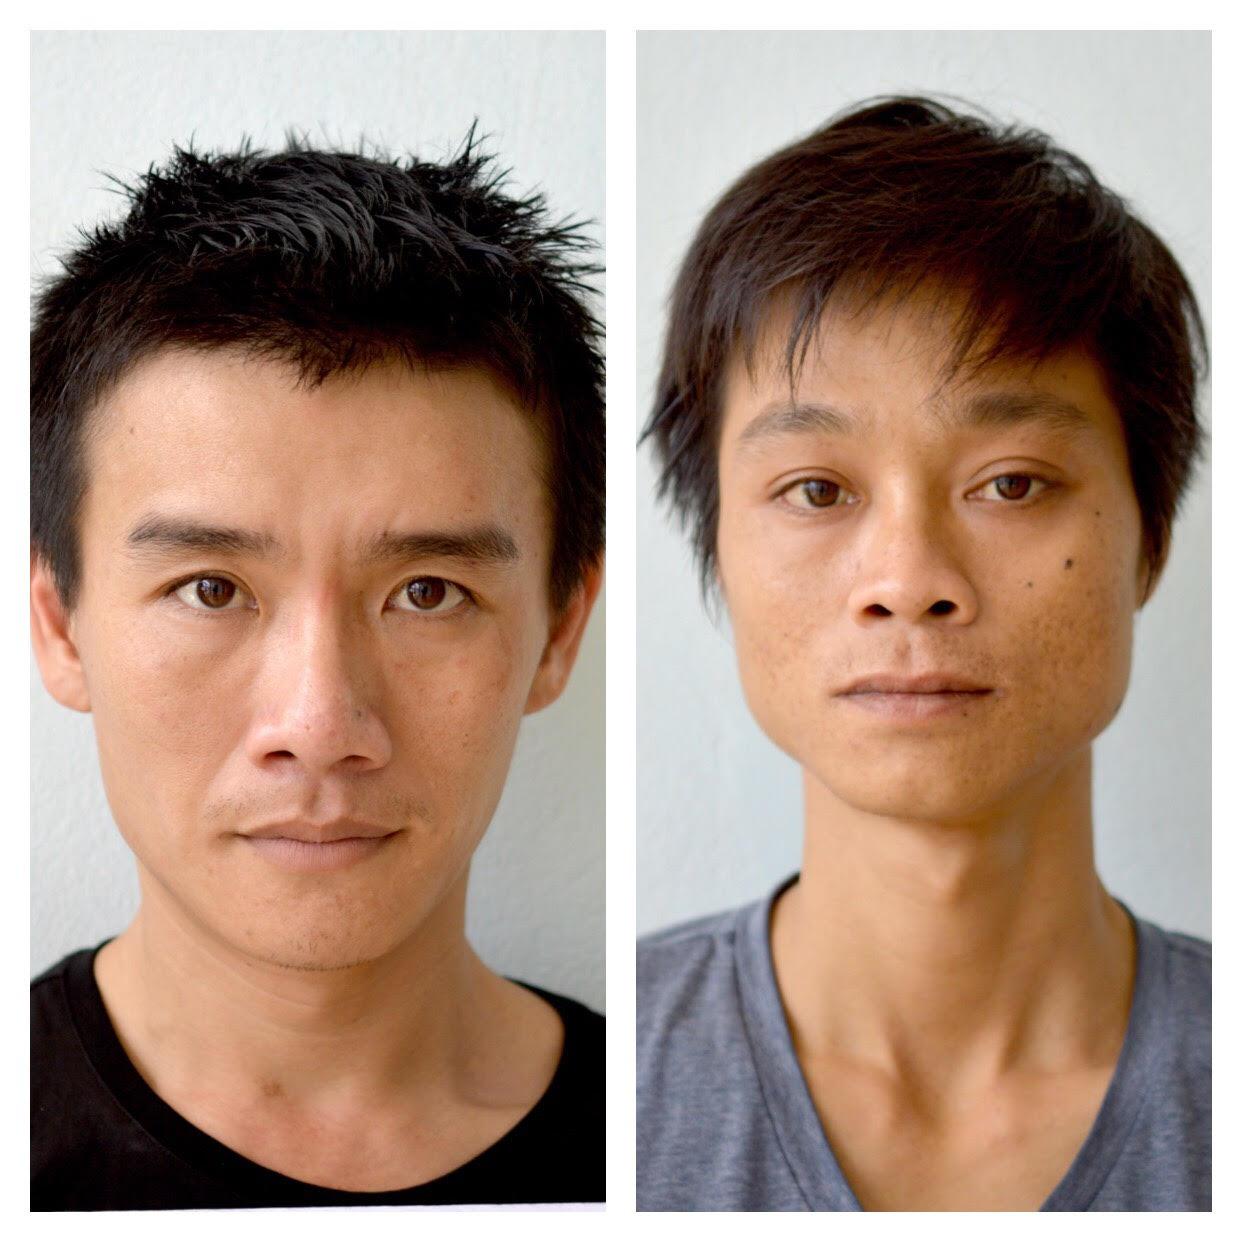 Công an thành phố Đồng Hới khởi tố 02 vụ án tàng trữ trái phép chất ma túy